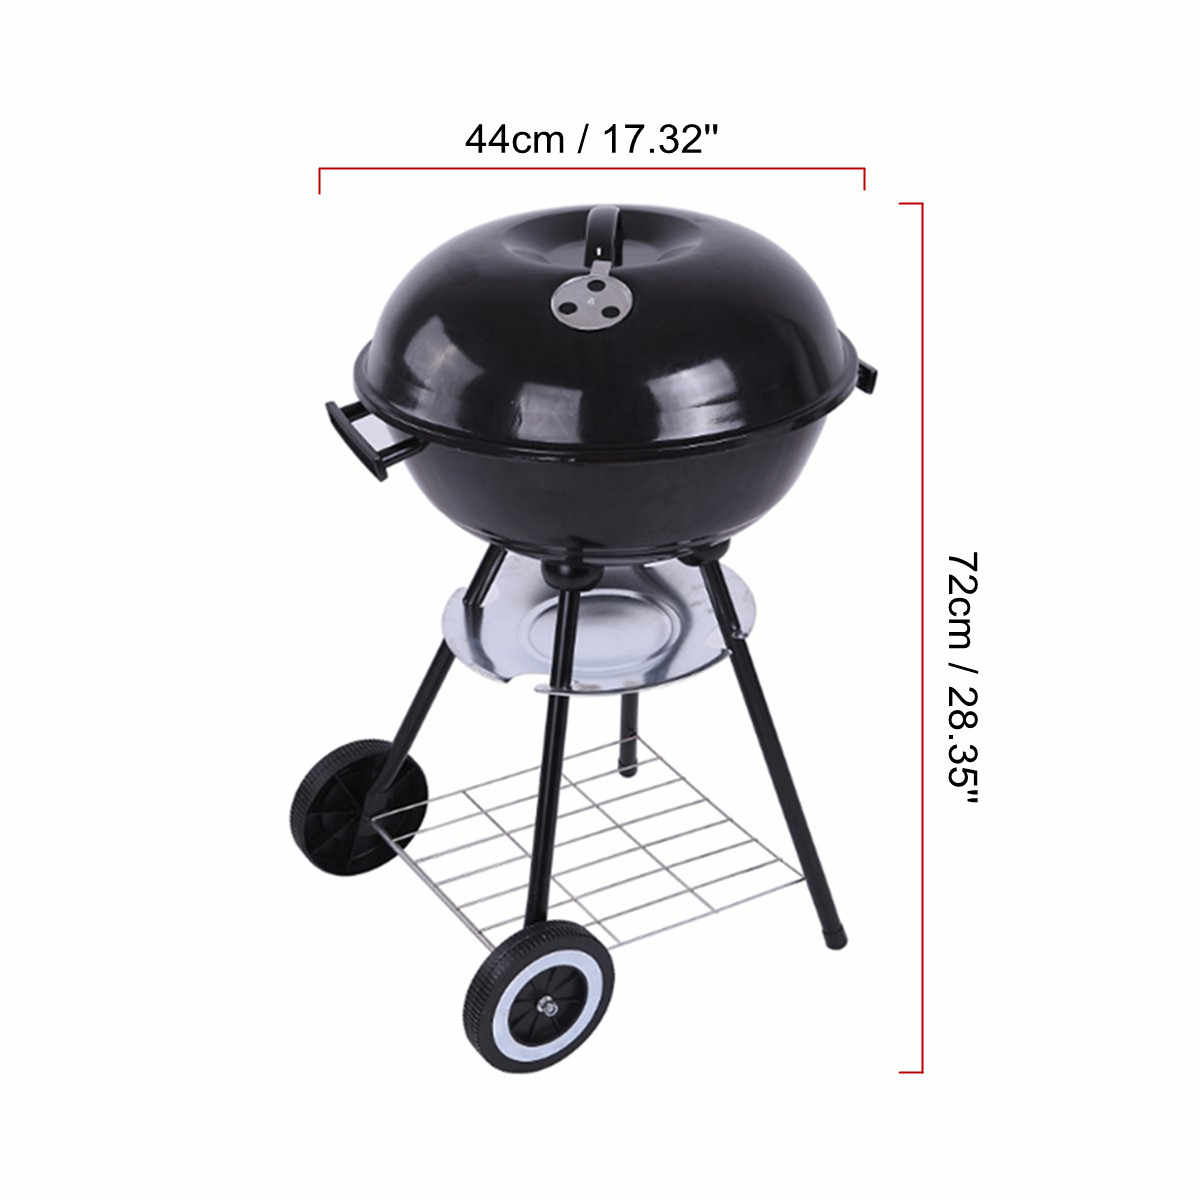 """Металл 17 """"Мангал яма открытый походная плита баров двора оборудование для барбекю Кухонные кухонные инструменты принадлежности для барбекю"""